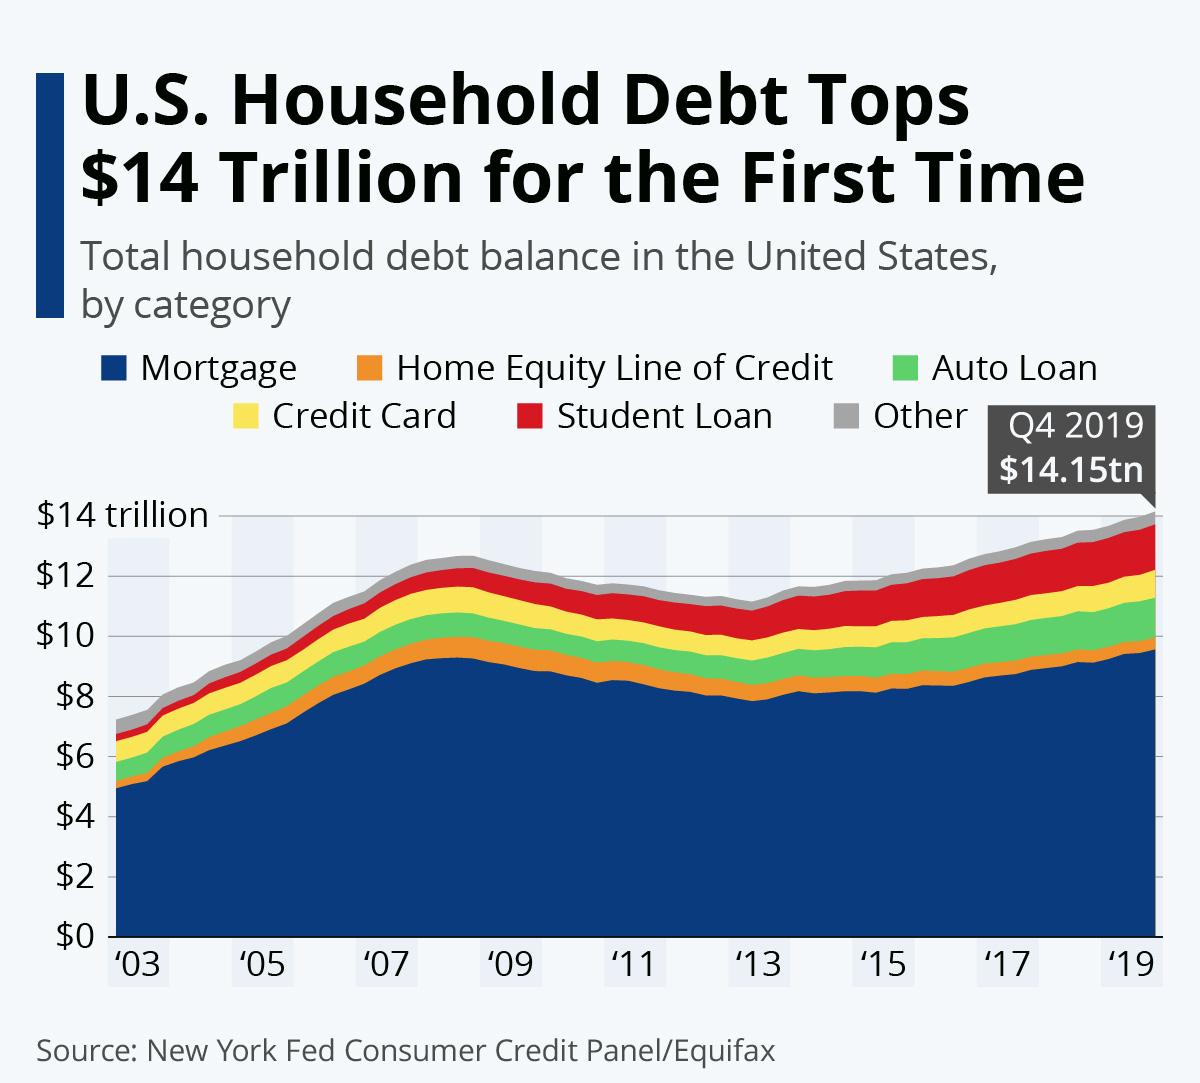 Mỹ sắp đối đầu với cuộc khủng hoảng tín dụng lớn, ngân hàng loay hoay tìm cách chống chọi - Ảnh 4.